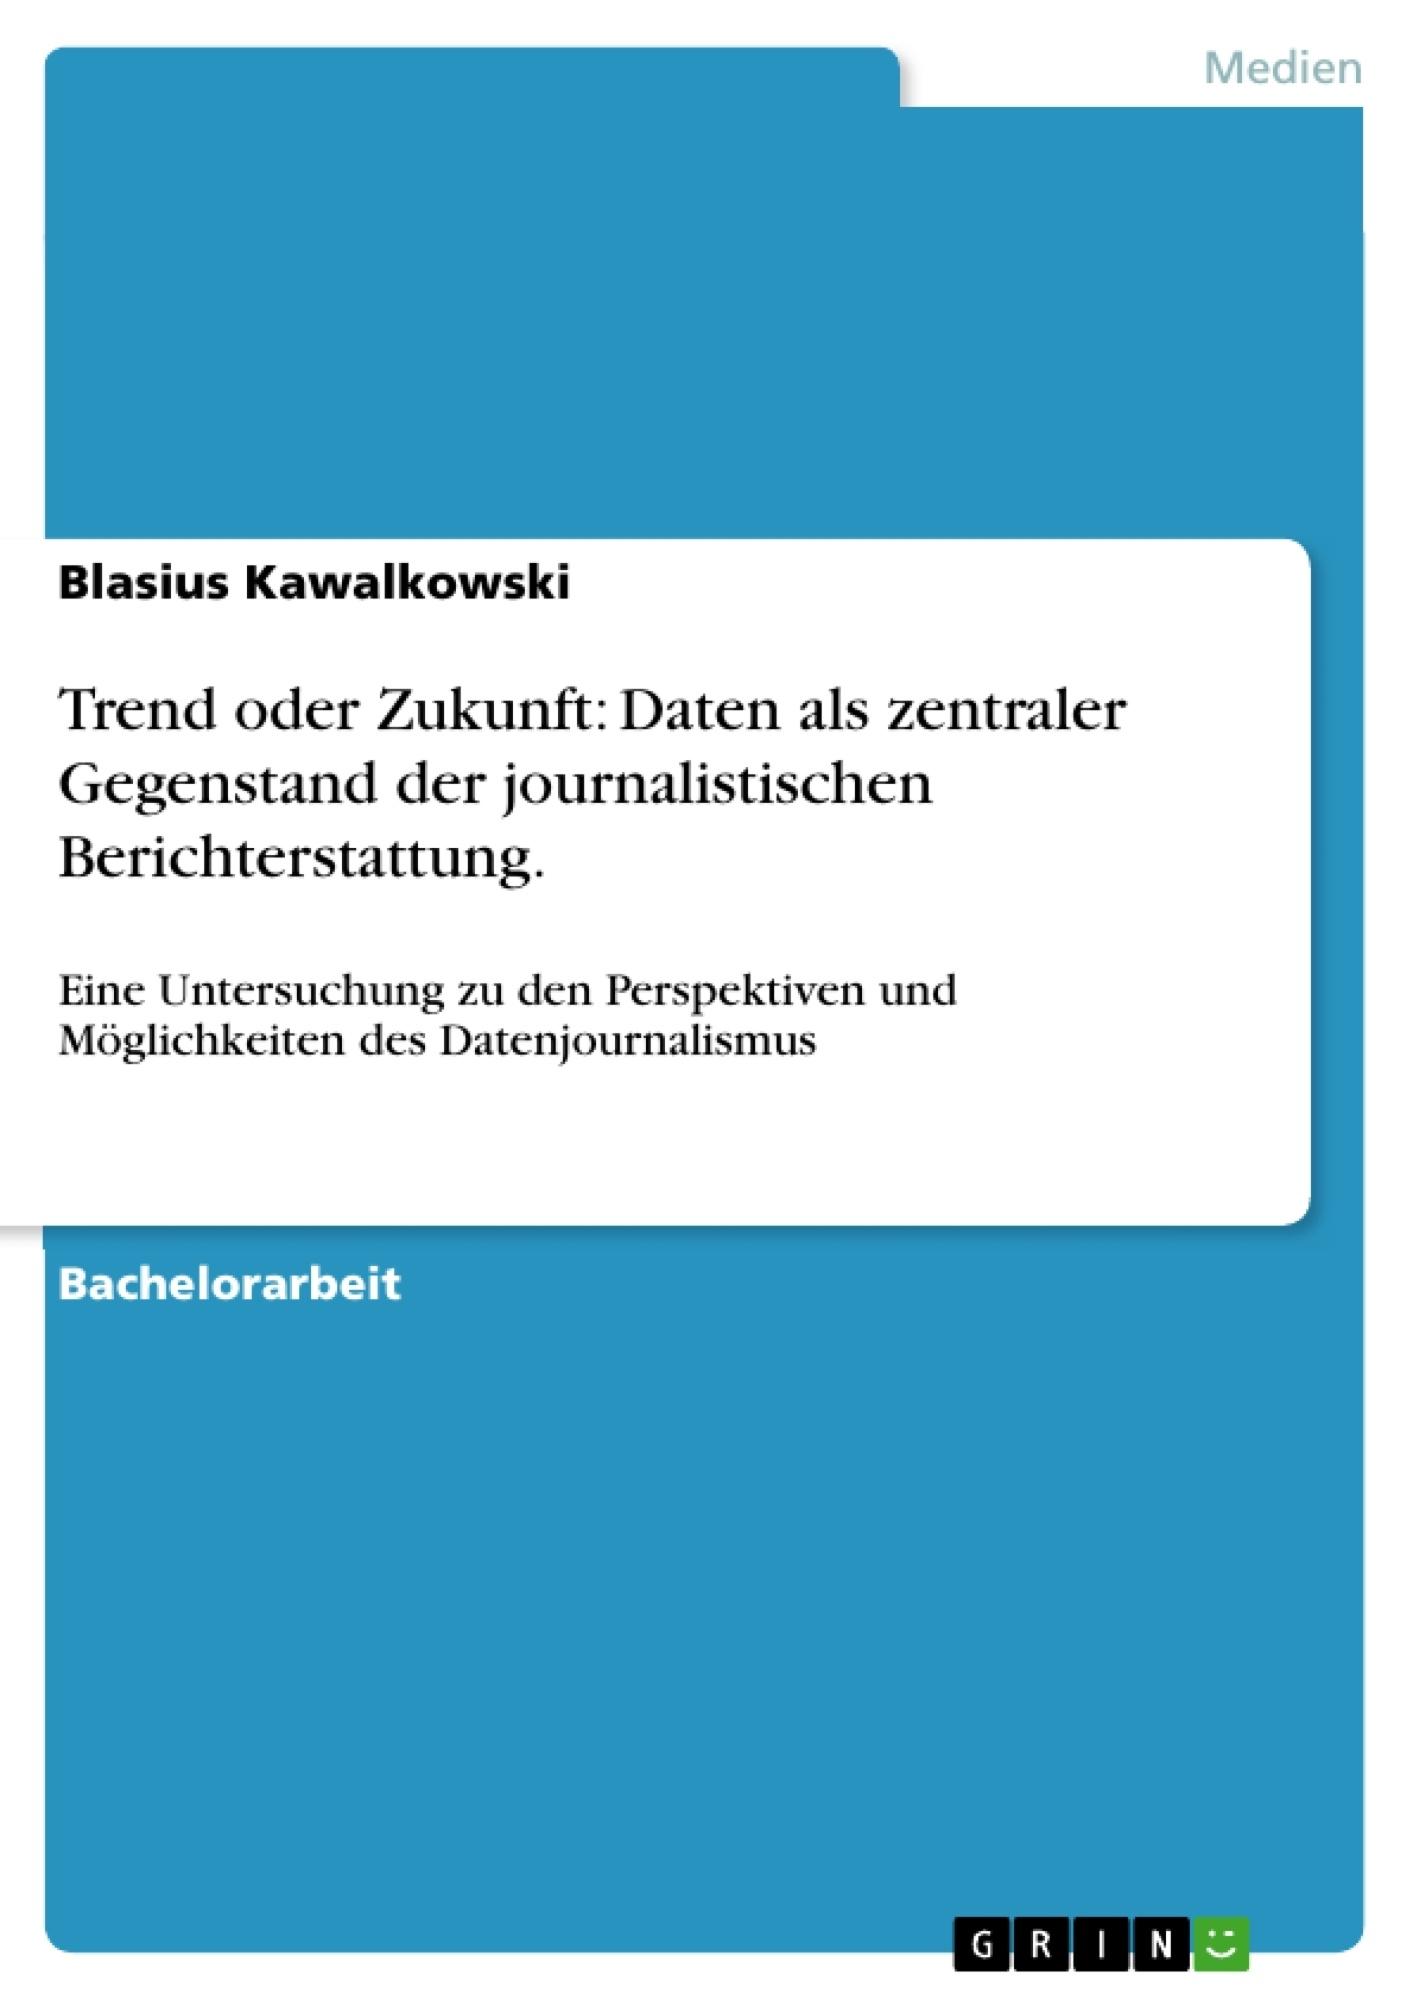 Titel: Trend oder Zukunft: Daten als zentraler Gegenstand der journalistischen Berichterstattung.